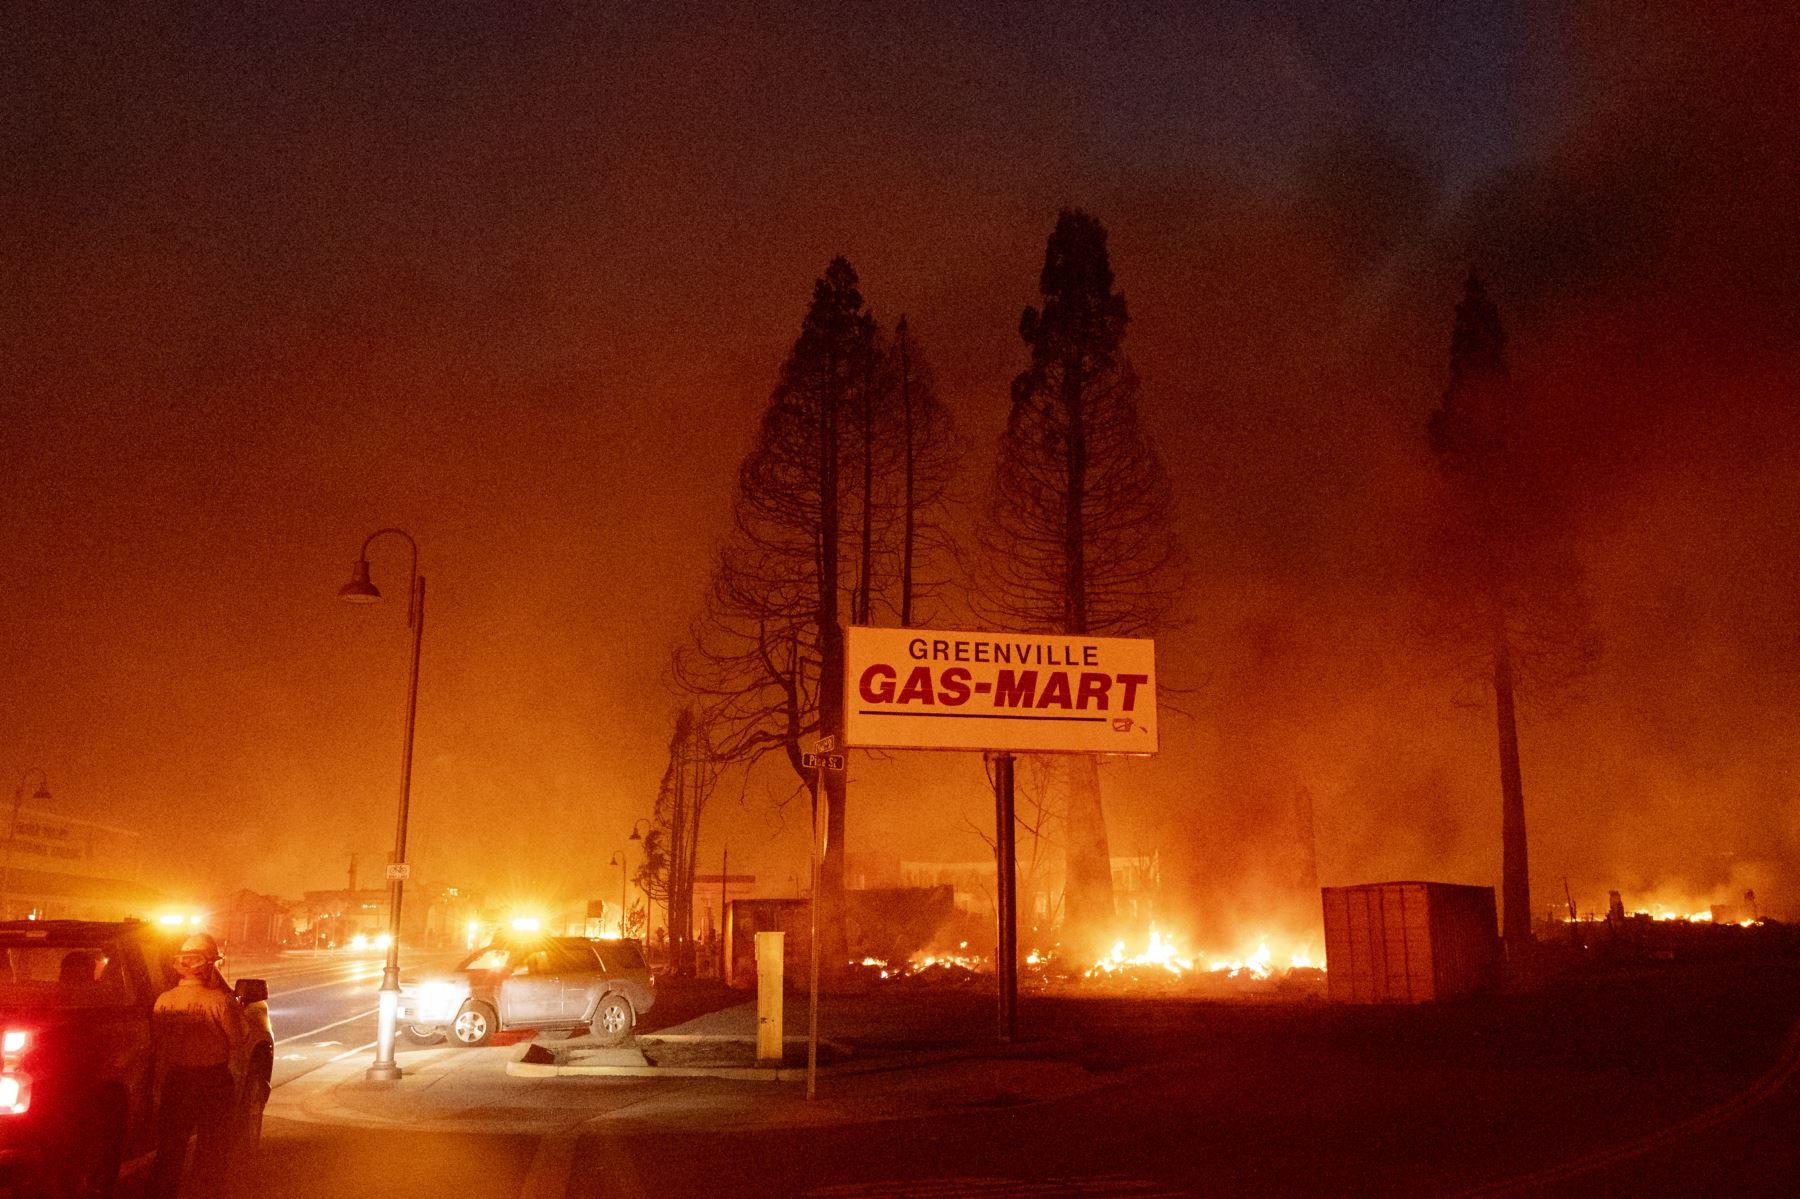 El centro de la ciudad se quema durante el incendio de Dixie en Greenville, California. El incendio de Dixie arrasó decenas de hogares y negocios en el centro de Greenville y continúa avanzando hacia otras comunidades residenciales. Foto:AFP